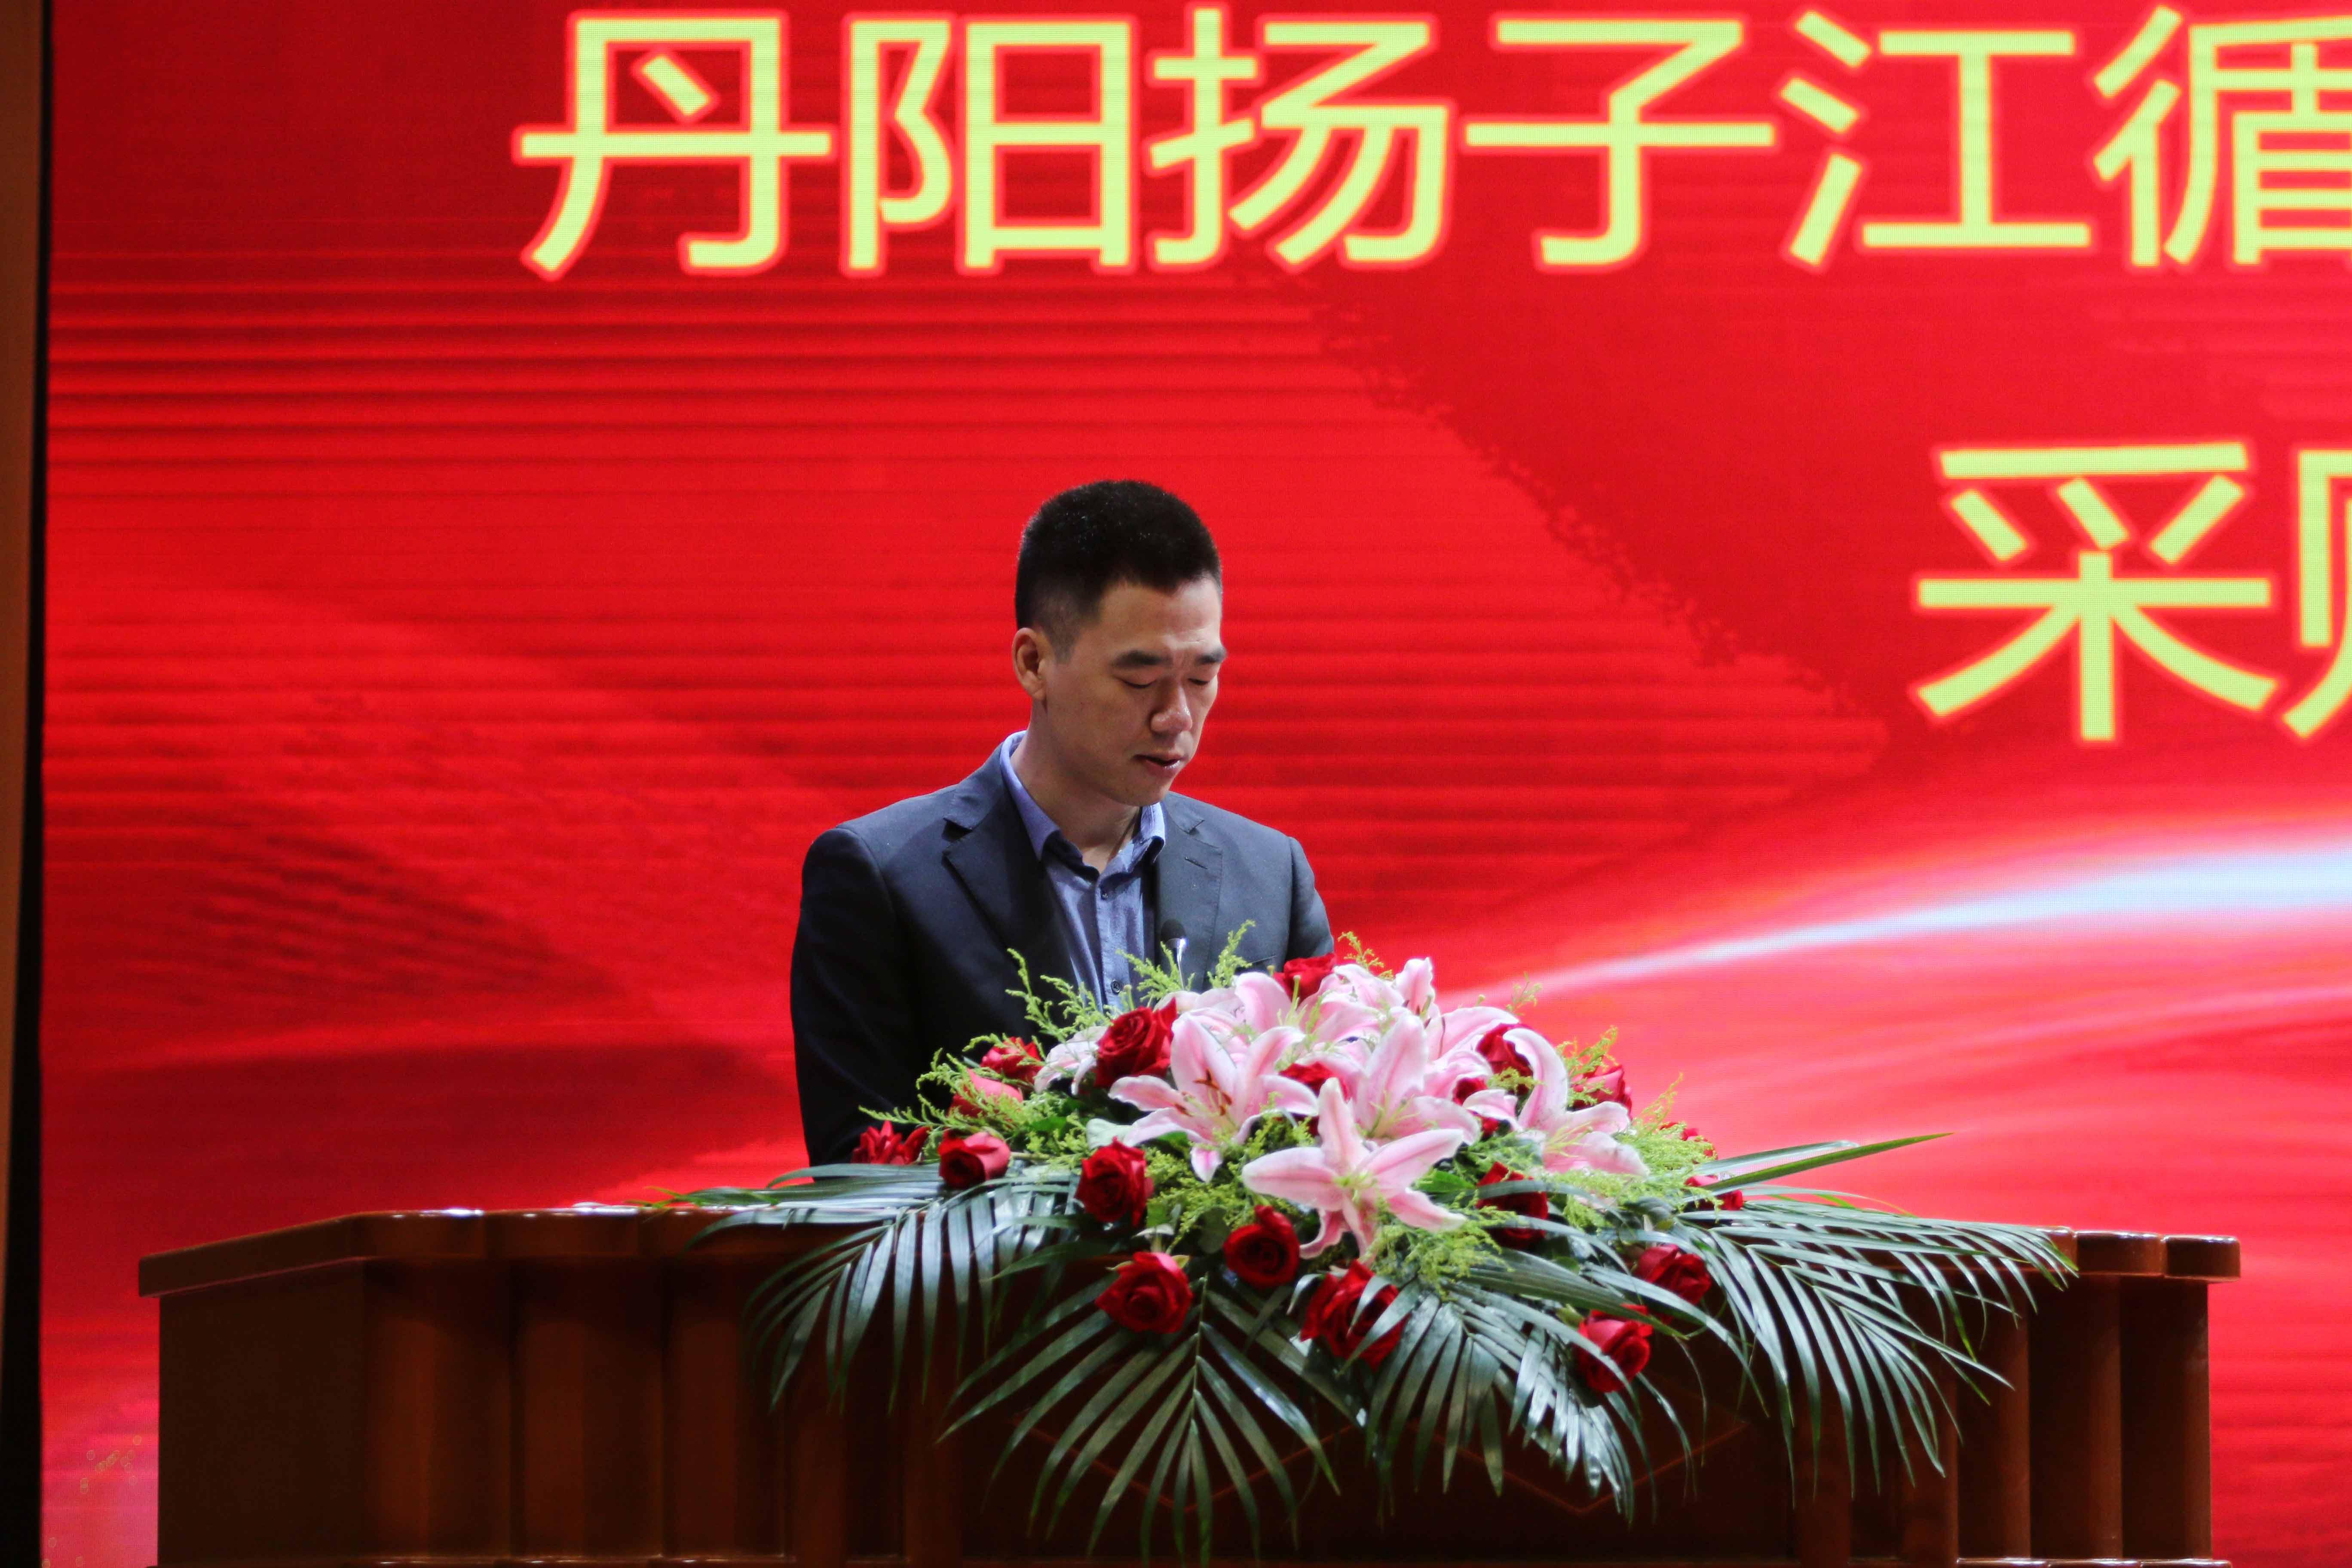 丹阳扬子江循环经济科技发展有限公司总经理彭平波发言